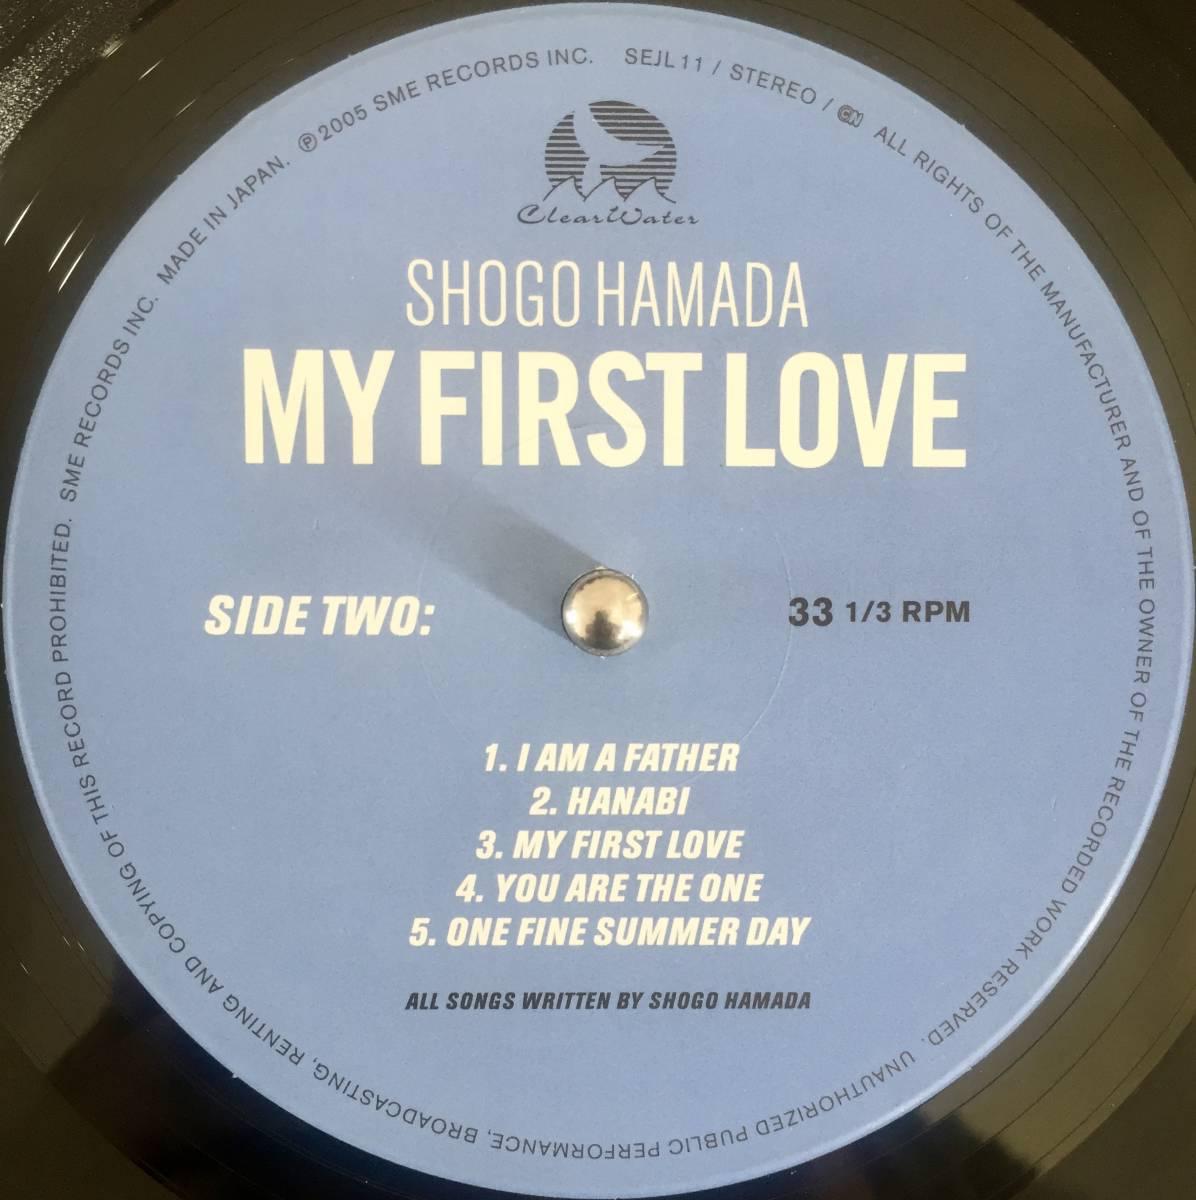 極美盤 シール帯付き 浜田省吾 - MY FIRST LOVE ブックレット完備 限定盤 HAMADA SYOGO CITY POP LIGHT MELLOW 和モノ アナログレコード LP_画像9